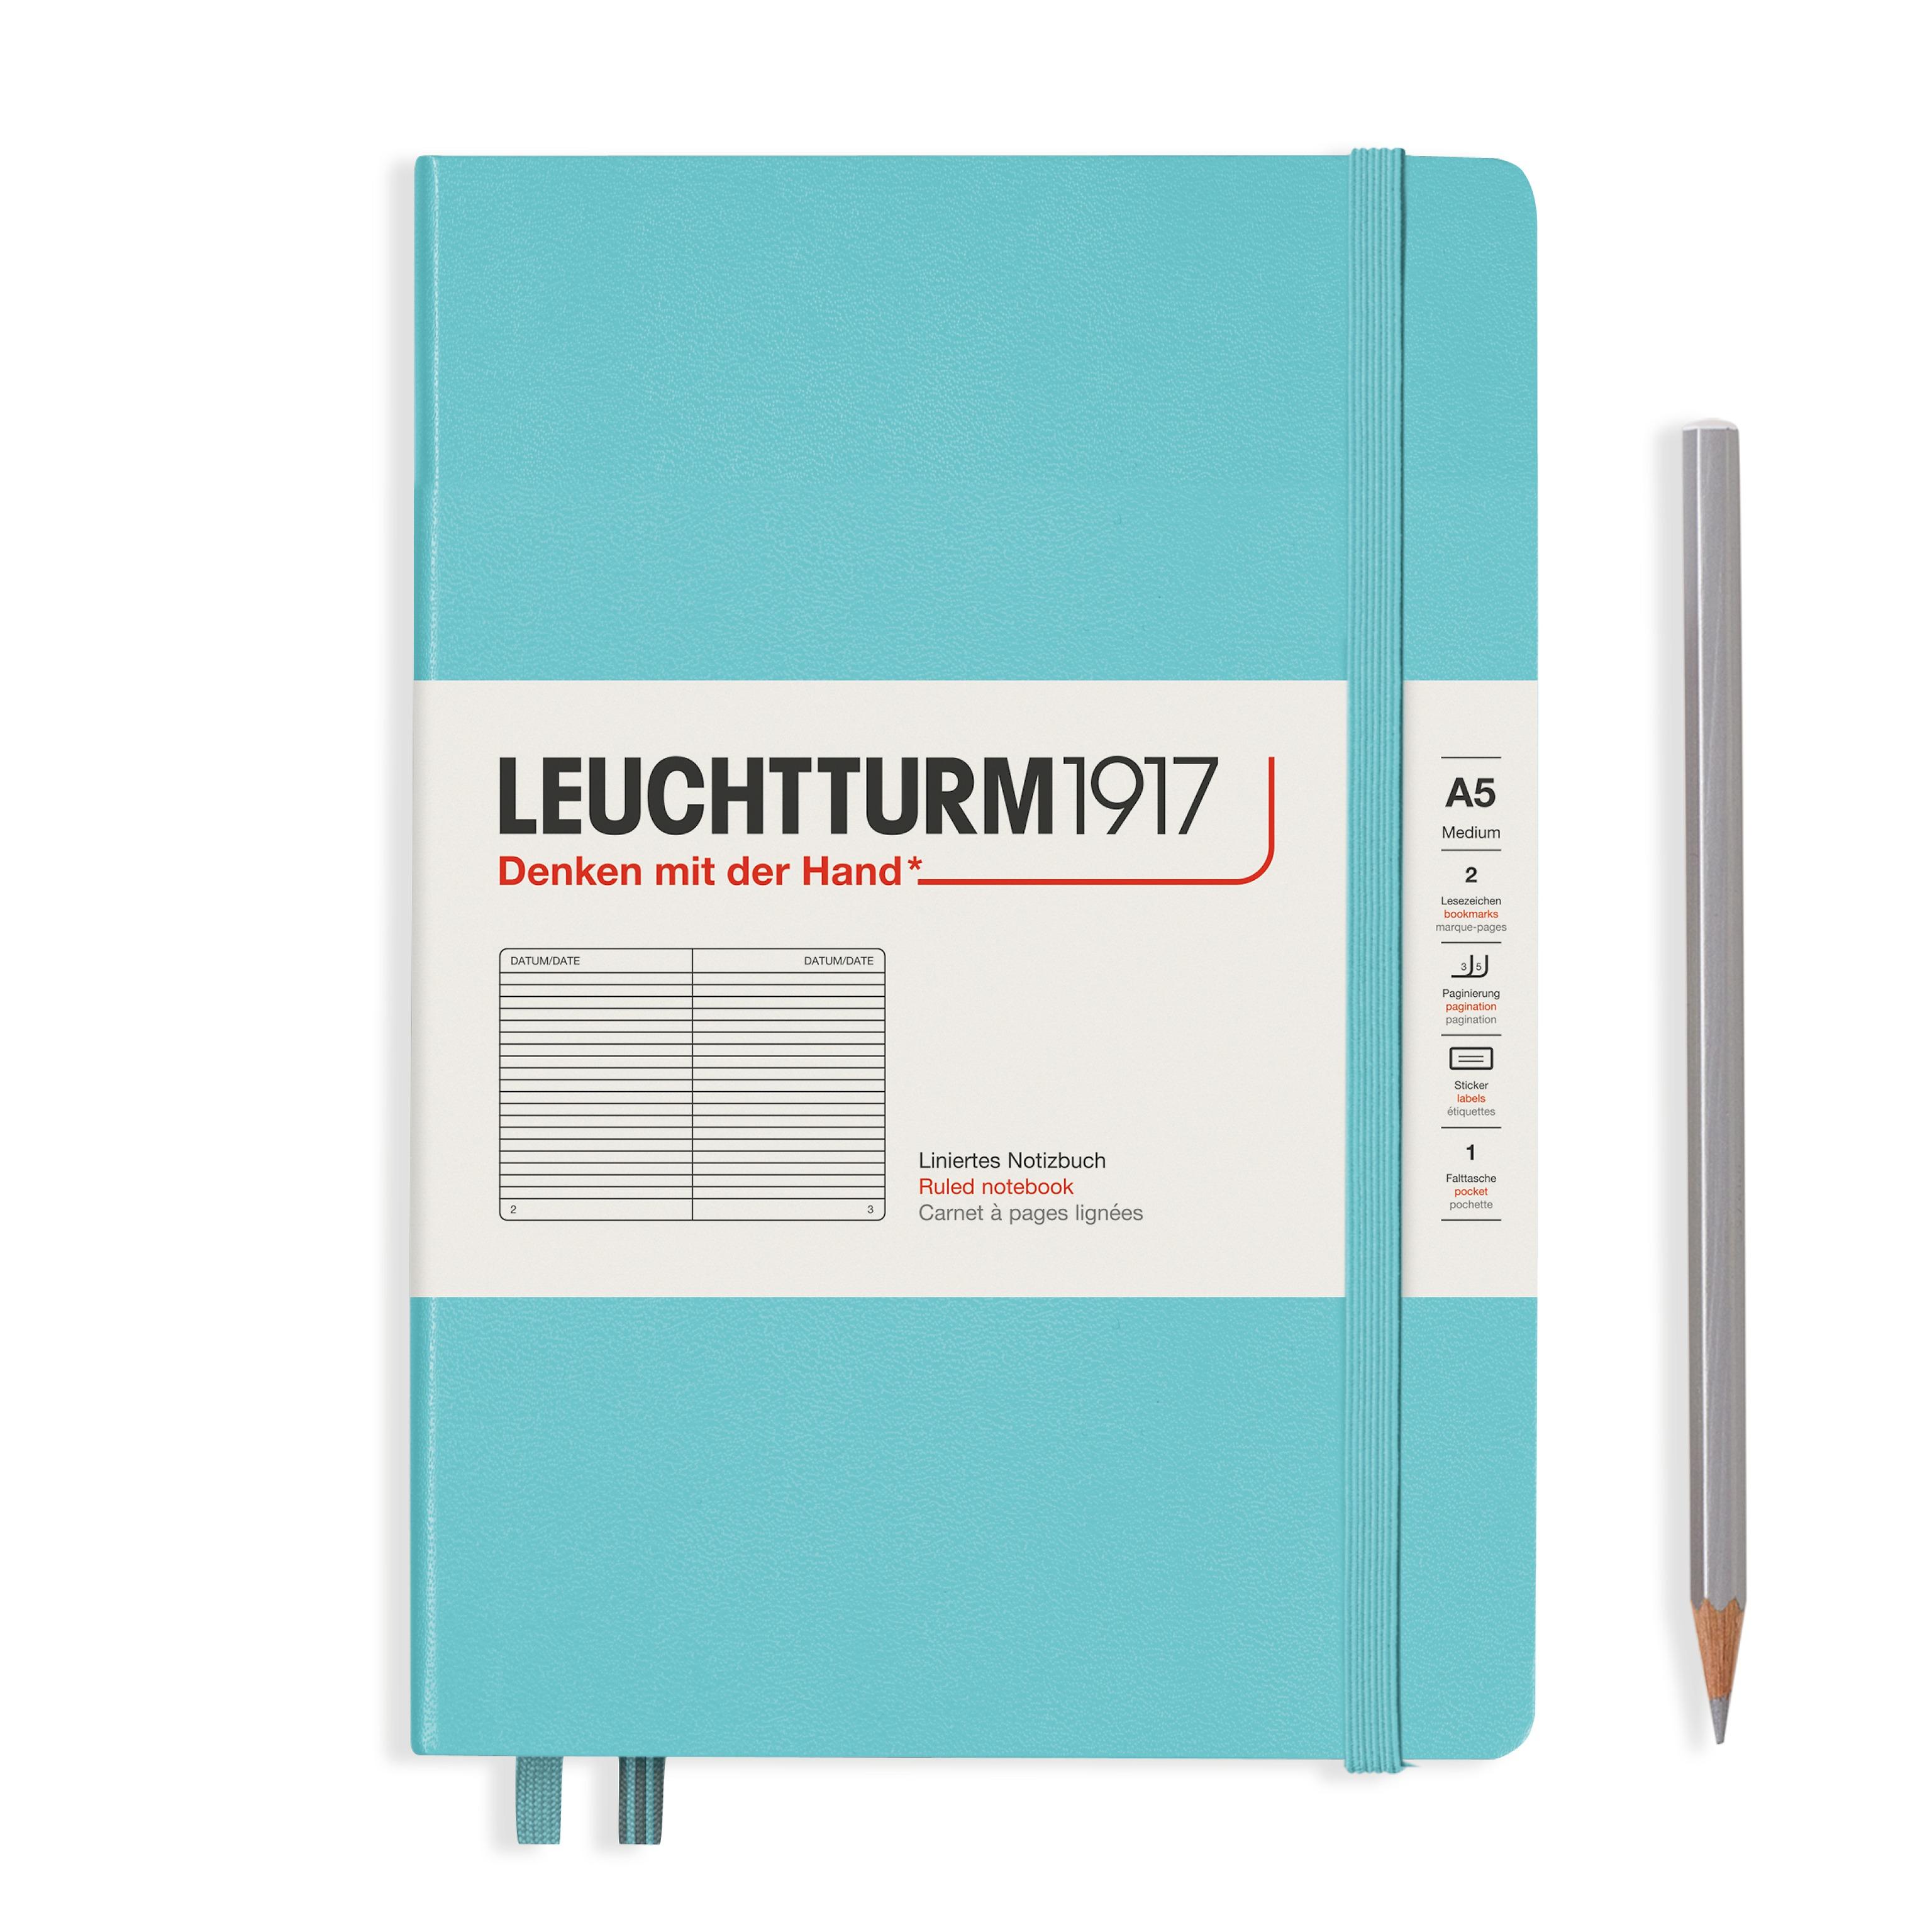 Leuchtturm1917 A5 Hardcover Rising Colours - Aquamarine, Liniert